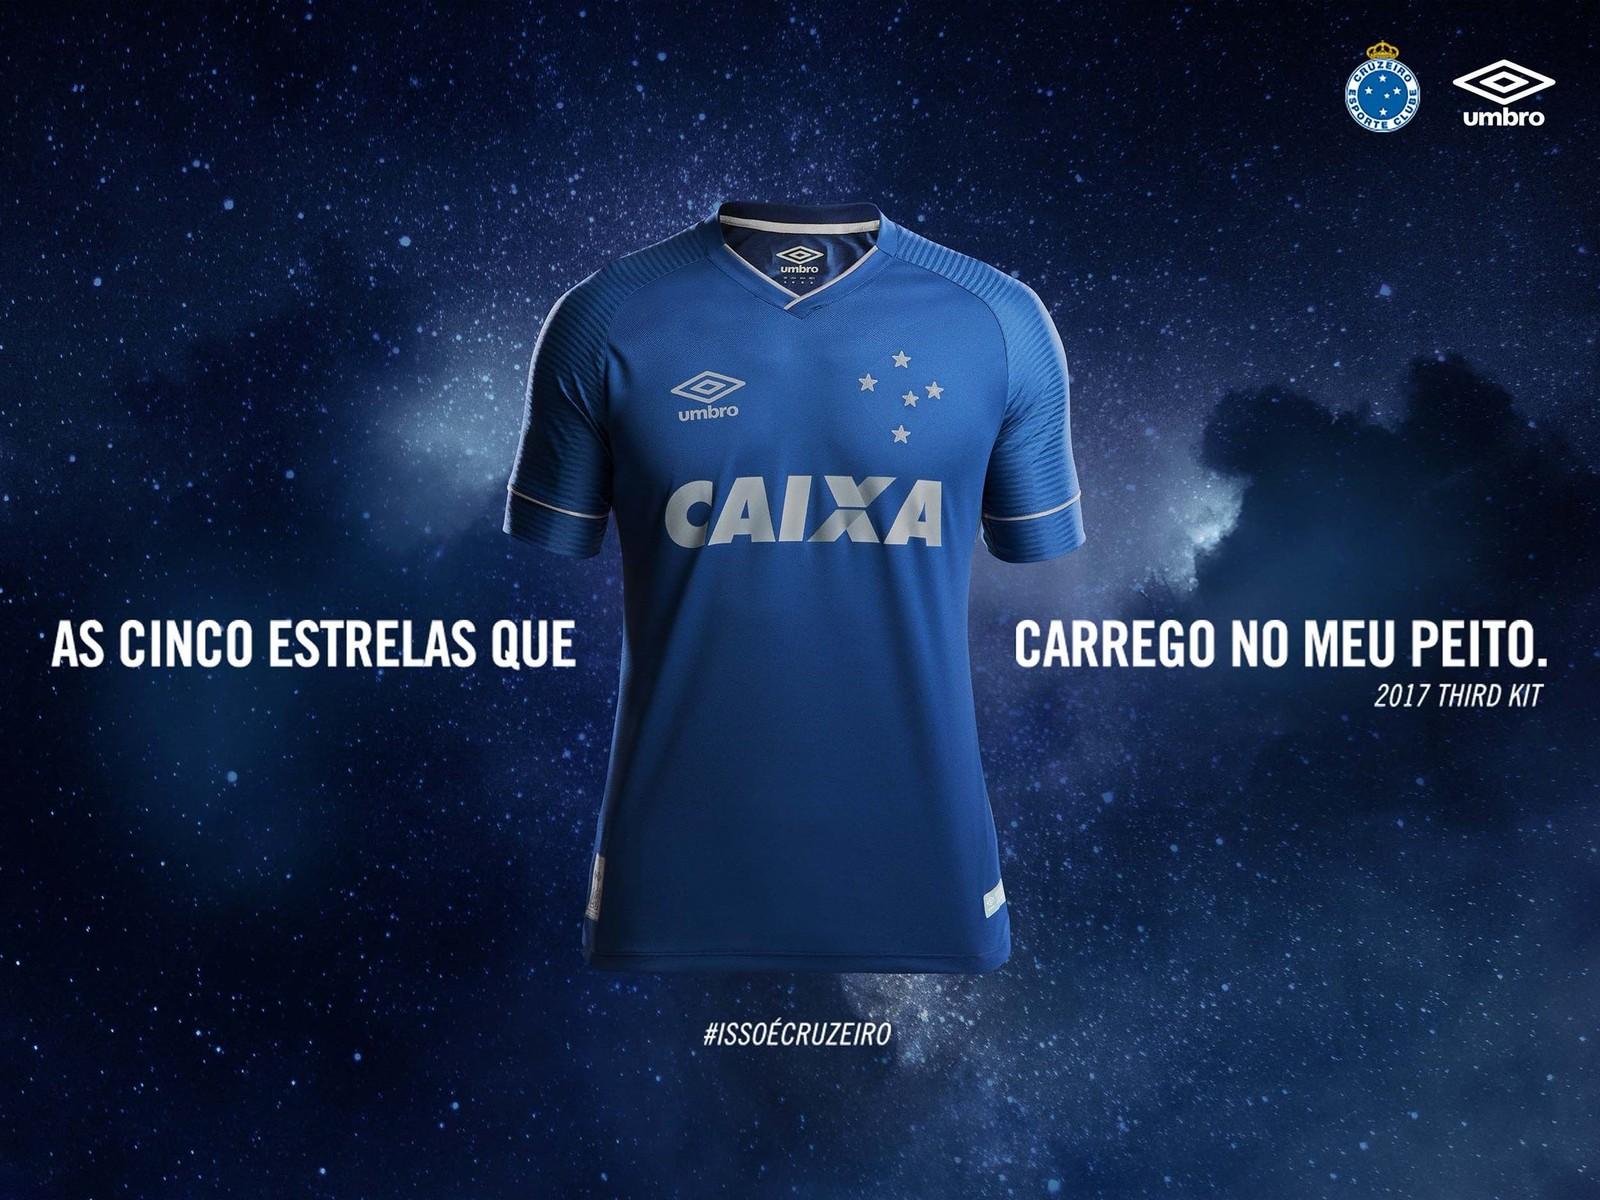 Cruzeiro Esporte Clube Topico Oficial  - Página 17 - 529687b9c3f32